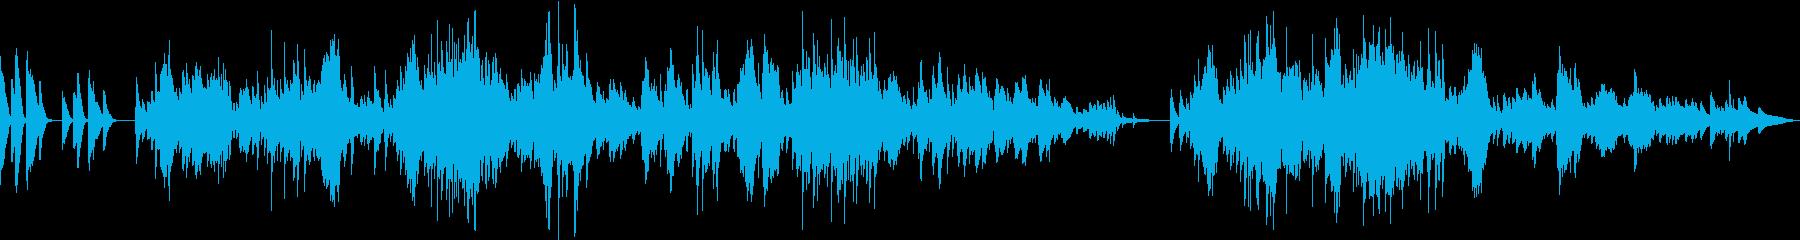 夜想曲第20番 遺作/ショパン・アコギの再生済みの波形